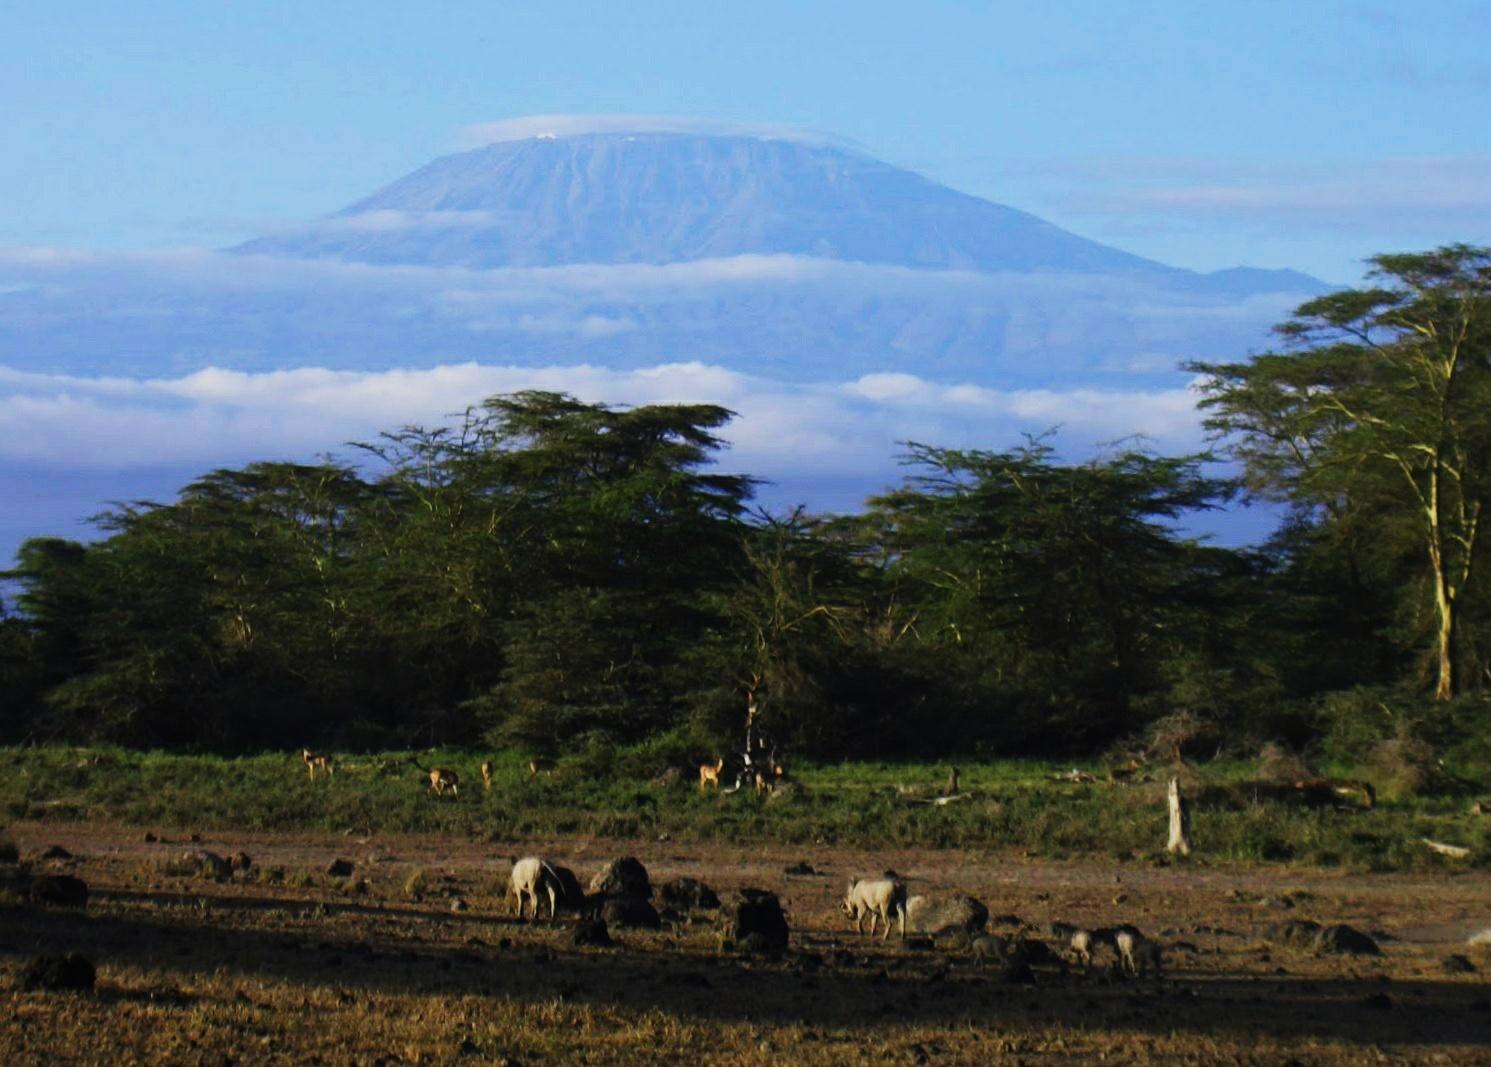 Килиманжаро  - символ Африки. Величественная вершина вулкана. Почти 6000 м. Обычно скрыта облаками. Мне удалось один раз ее сфотографировать.